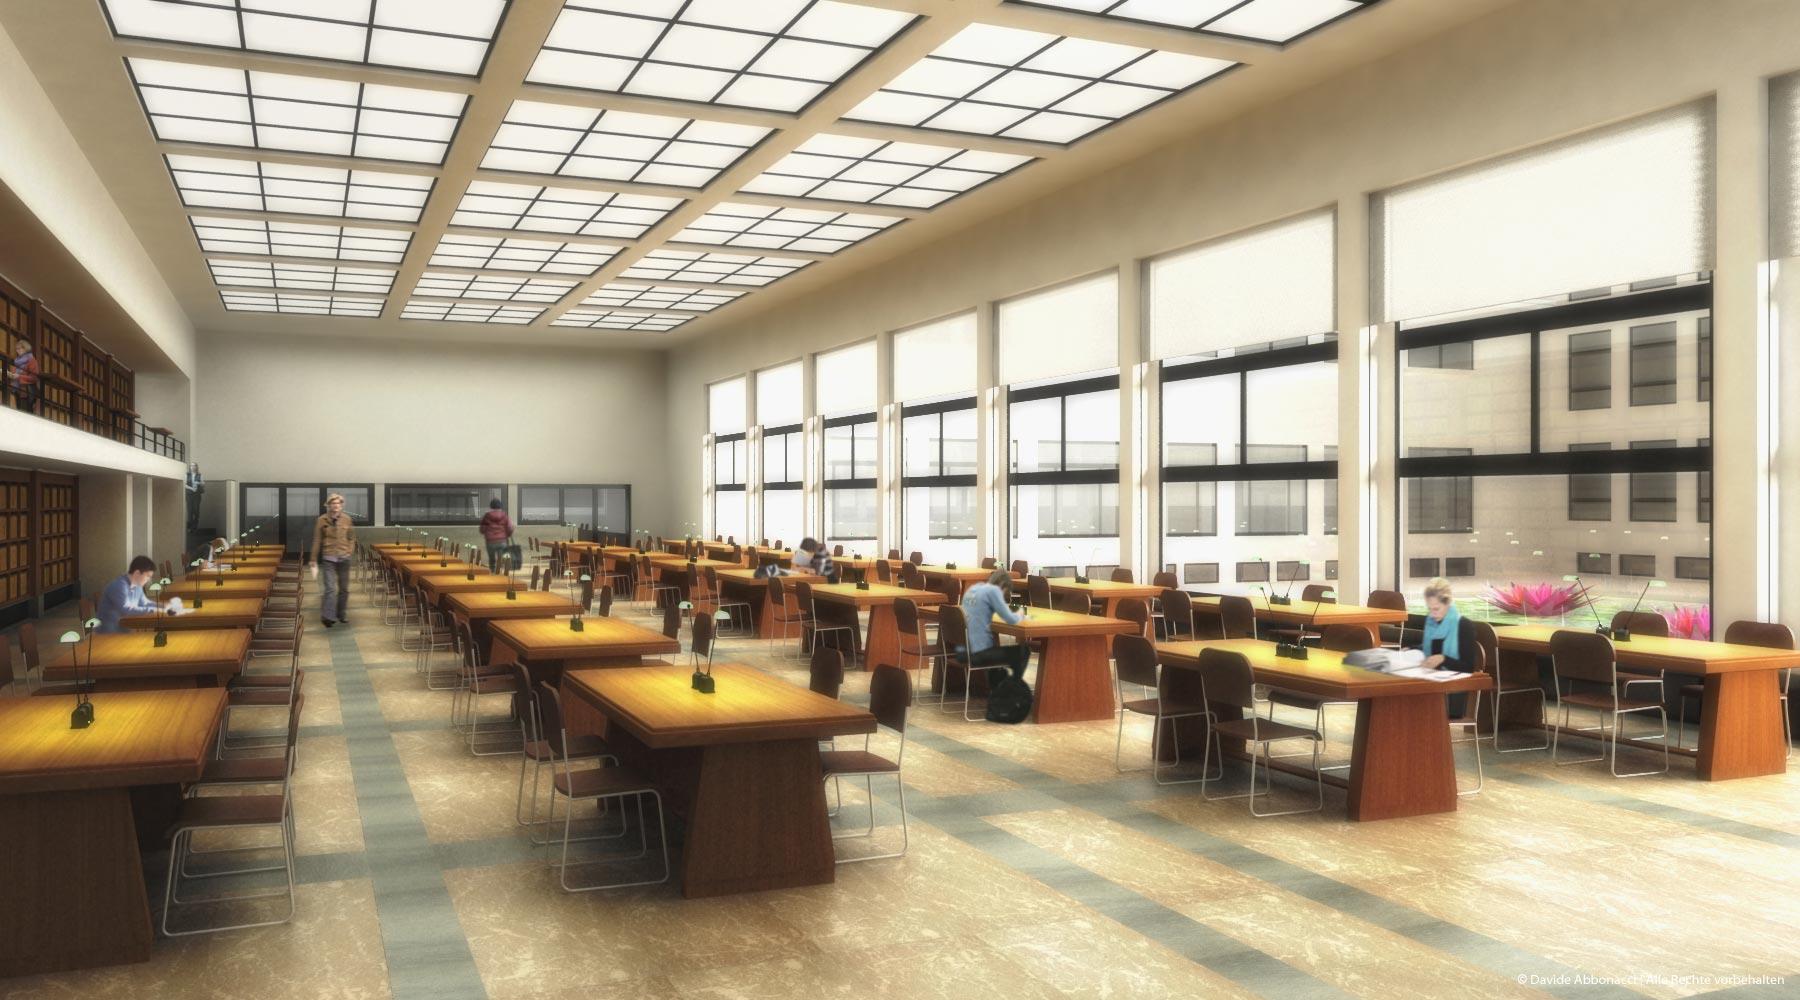 Universitätsbibliothek Van Der Velde, Gent | LIN Architects Urbanists | 2007 Wettbewerbsvisualisierung